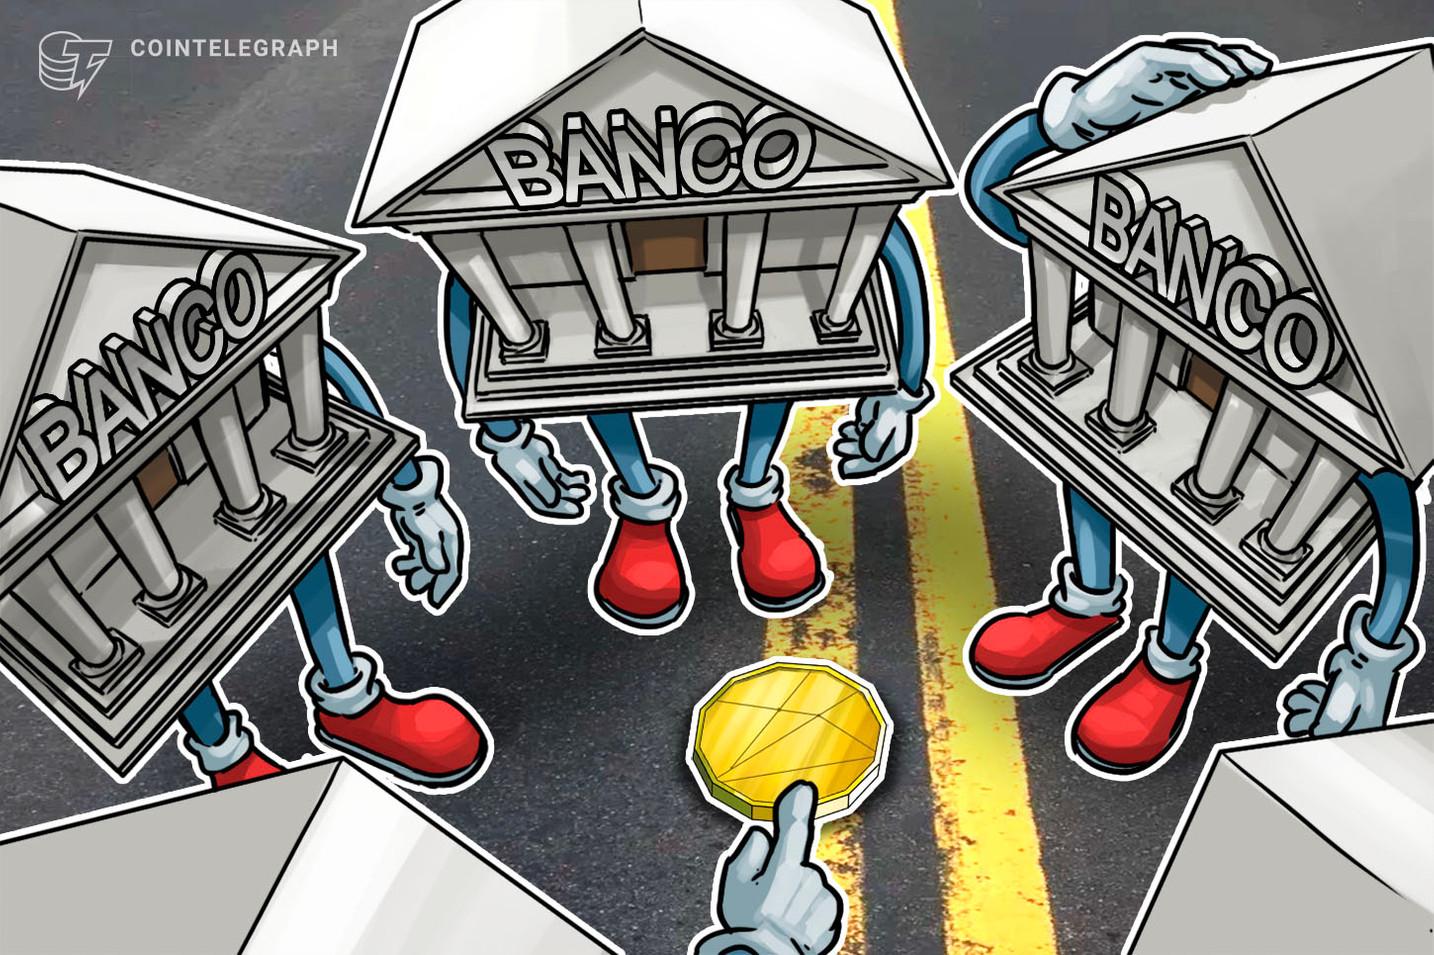 'Pix colocou o Brasil entre os países mais avançados na busca por uma moeda digital', diz economista Fernando Ulrich